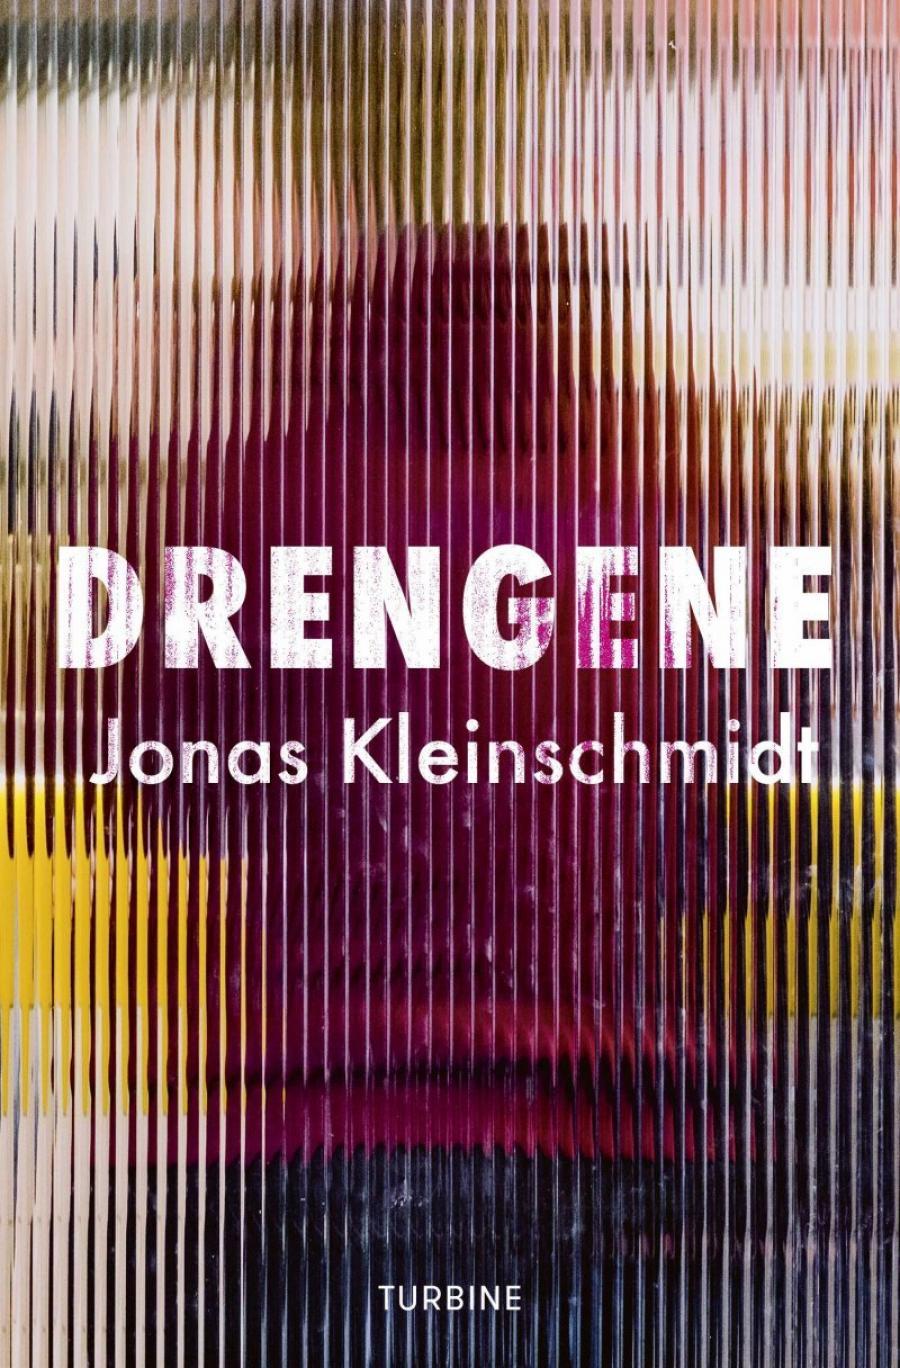 Forsidebillede af bogen Drengene af Jonas Kleinschmidt